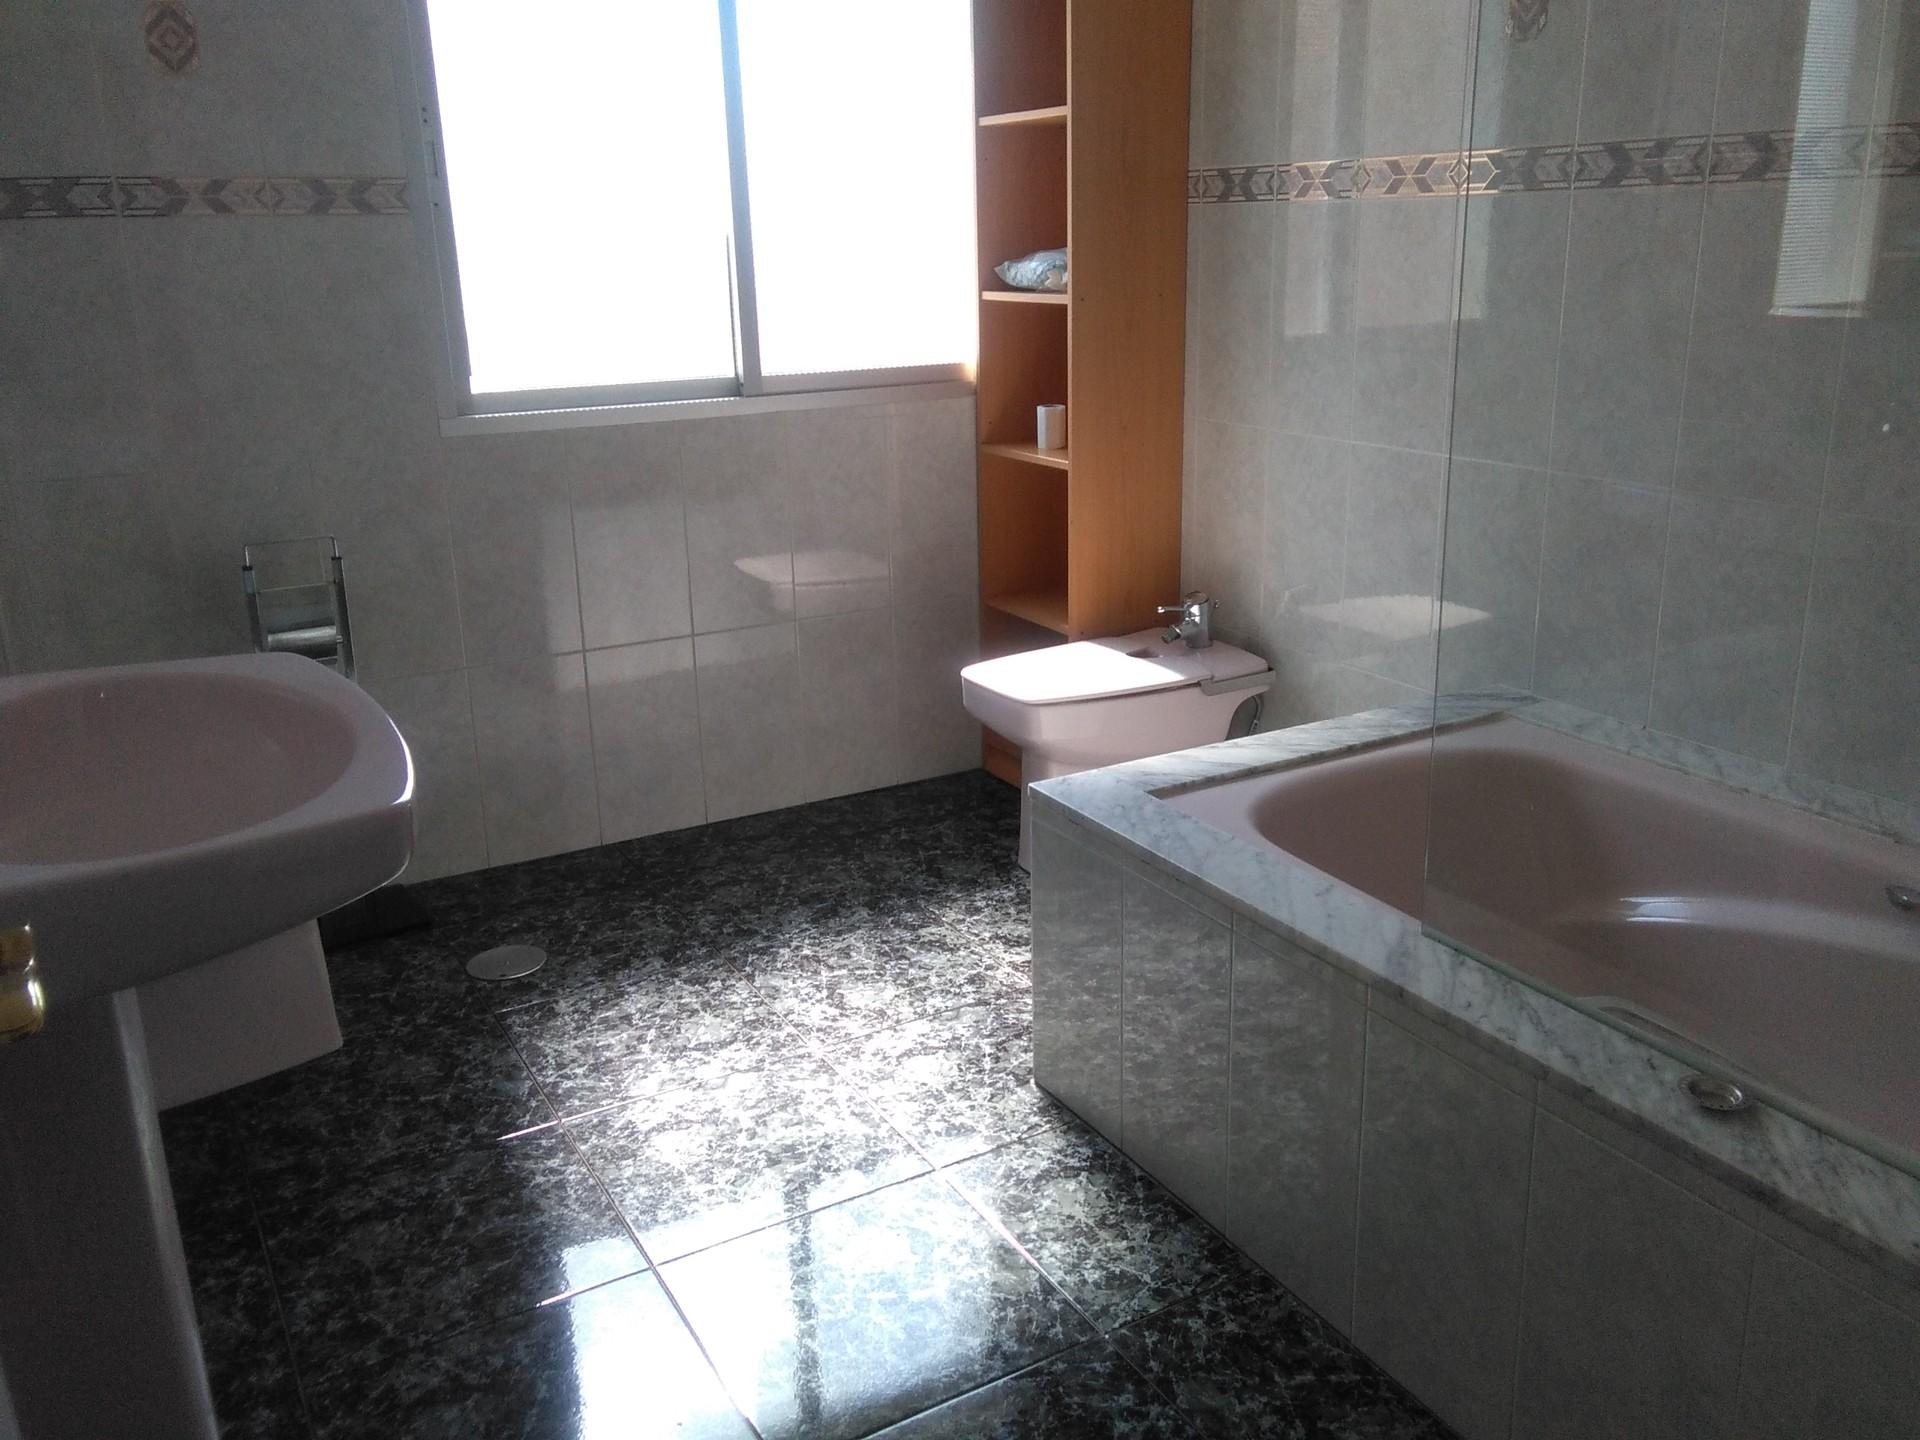 Piso amplio y soleado en una buena zona de m laga nueva for Piso 4 dormitorios teatinos malaga